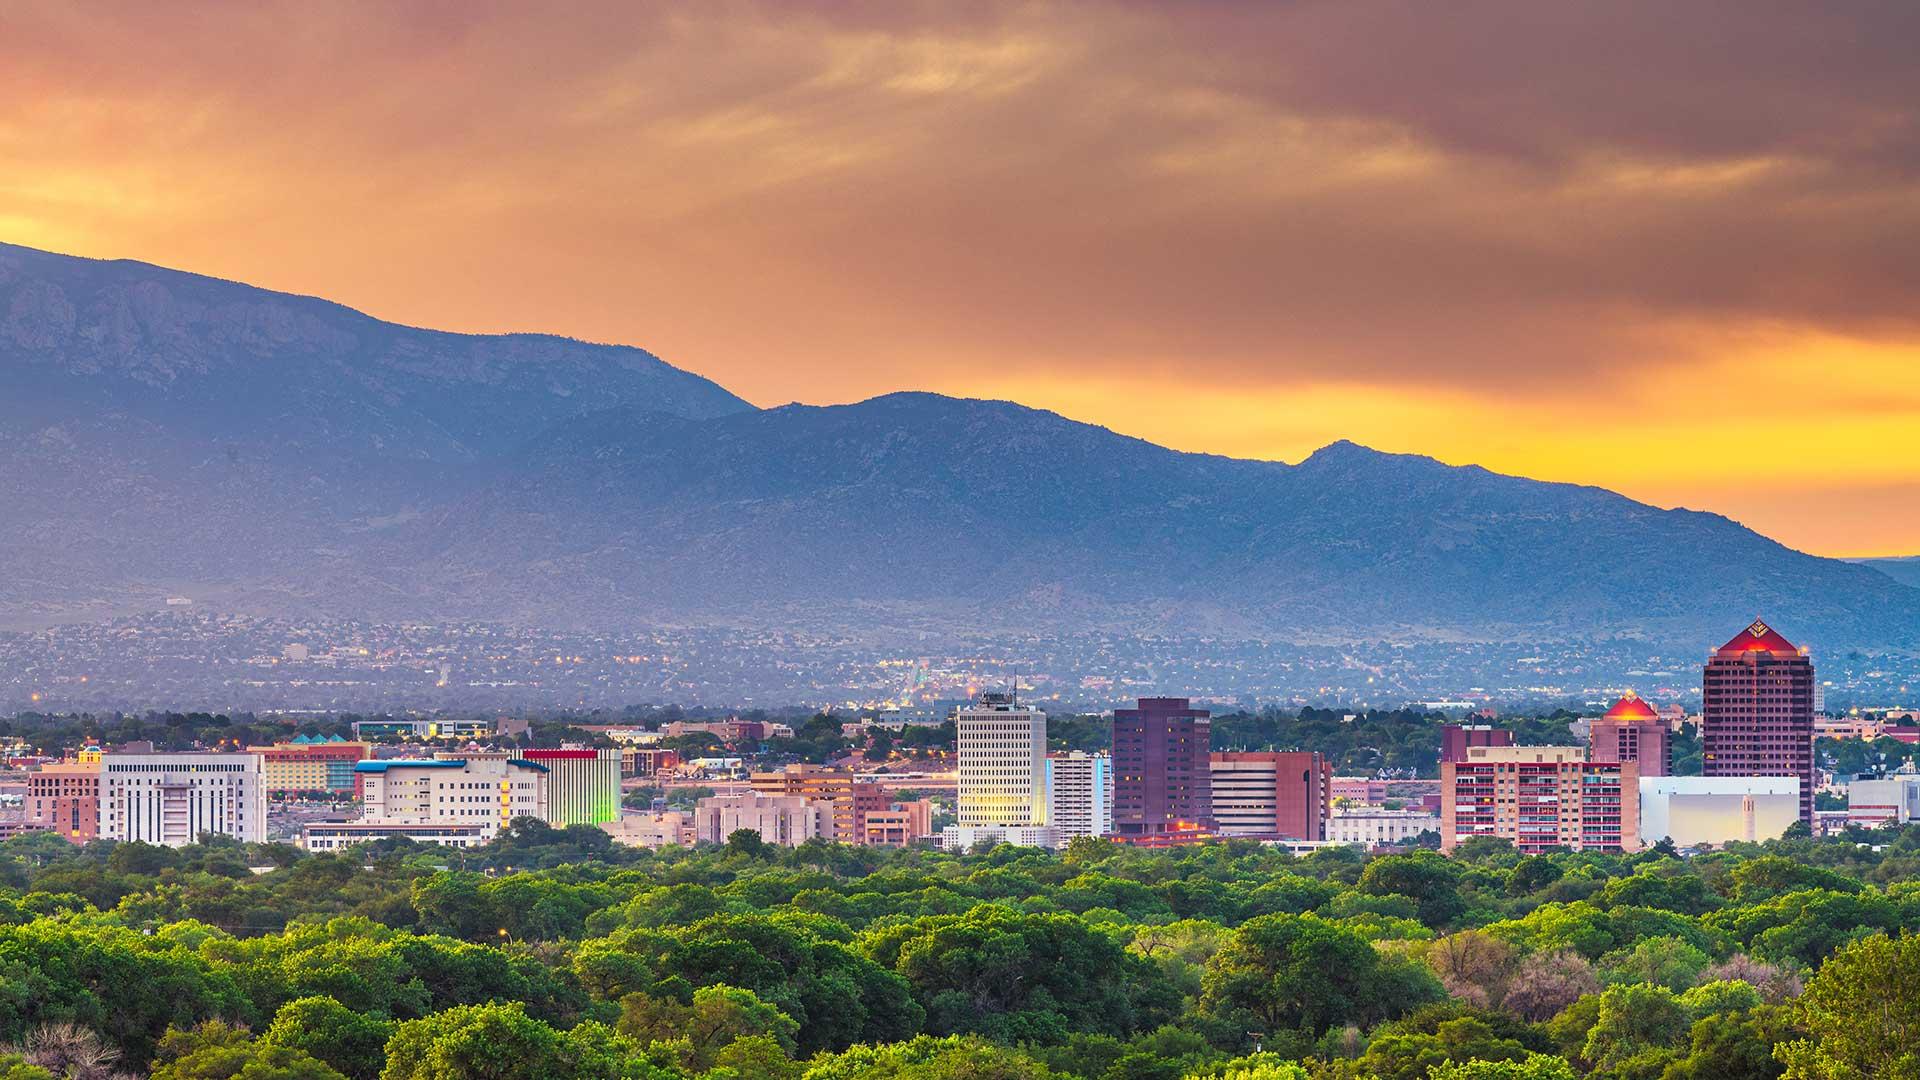 Panorama to illustrate dating in albuquerque